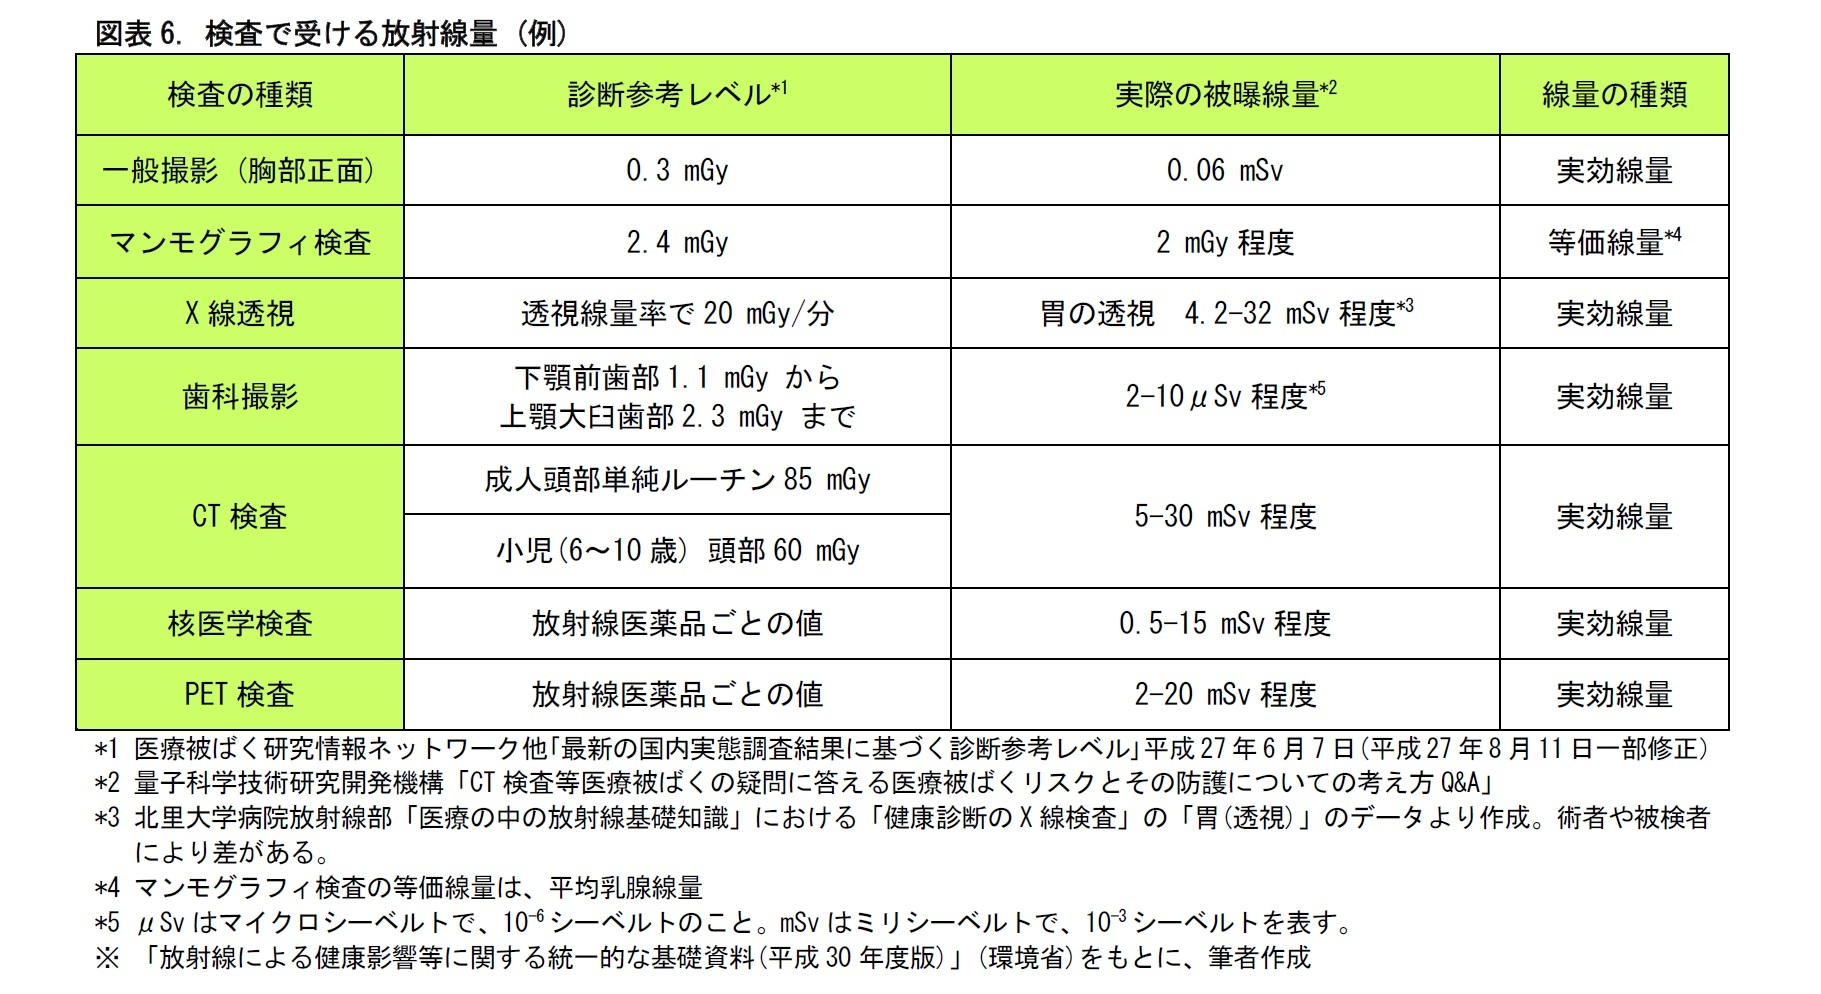 図表6. 検査で受ける放射線量 (例)